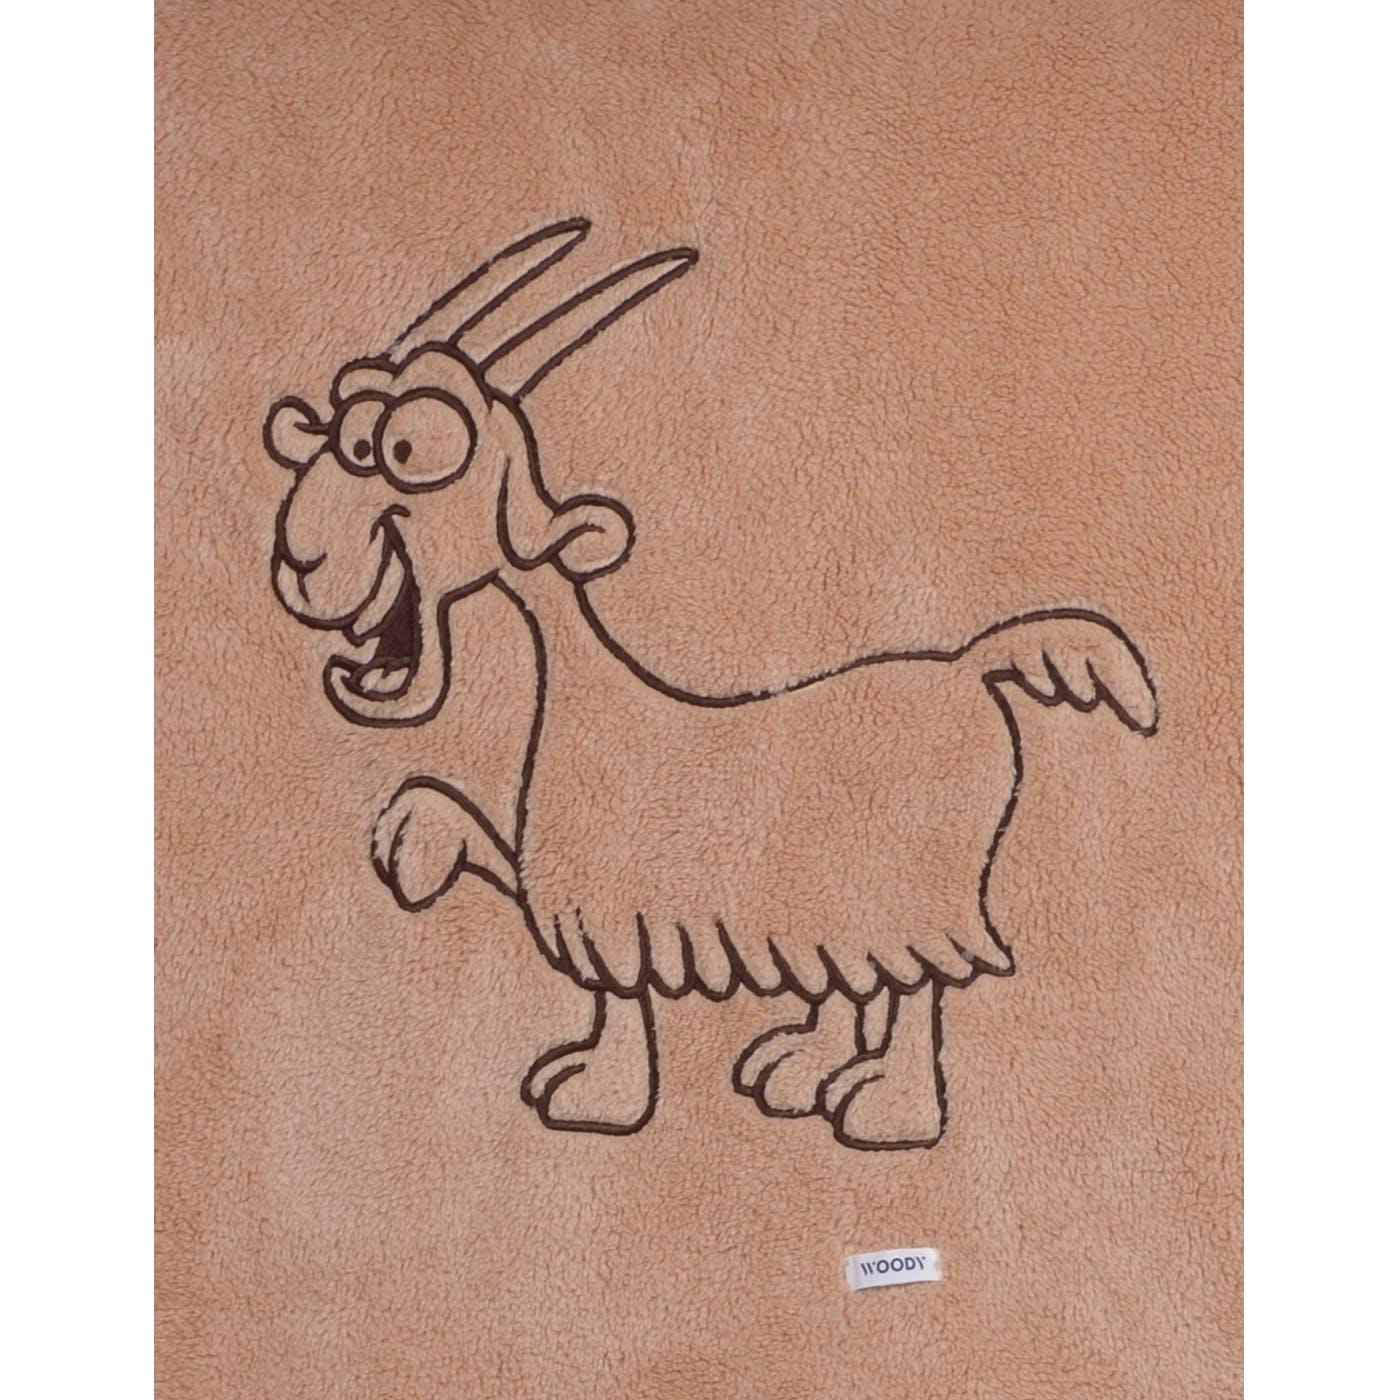 Woody Plaid, 150 x 200 cm, Thema Geit